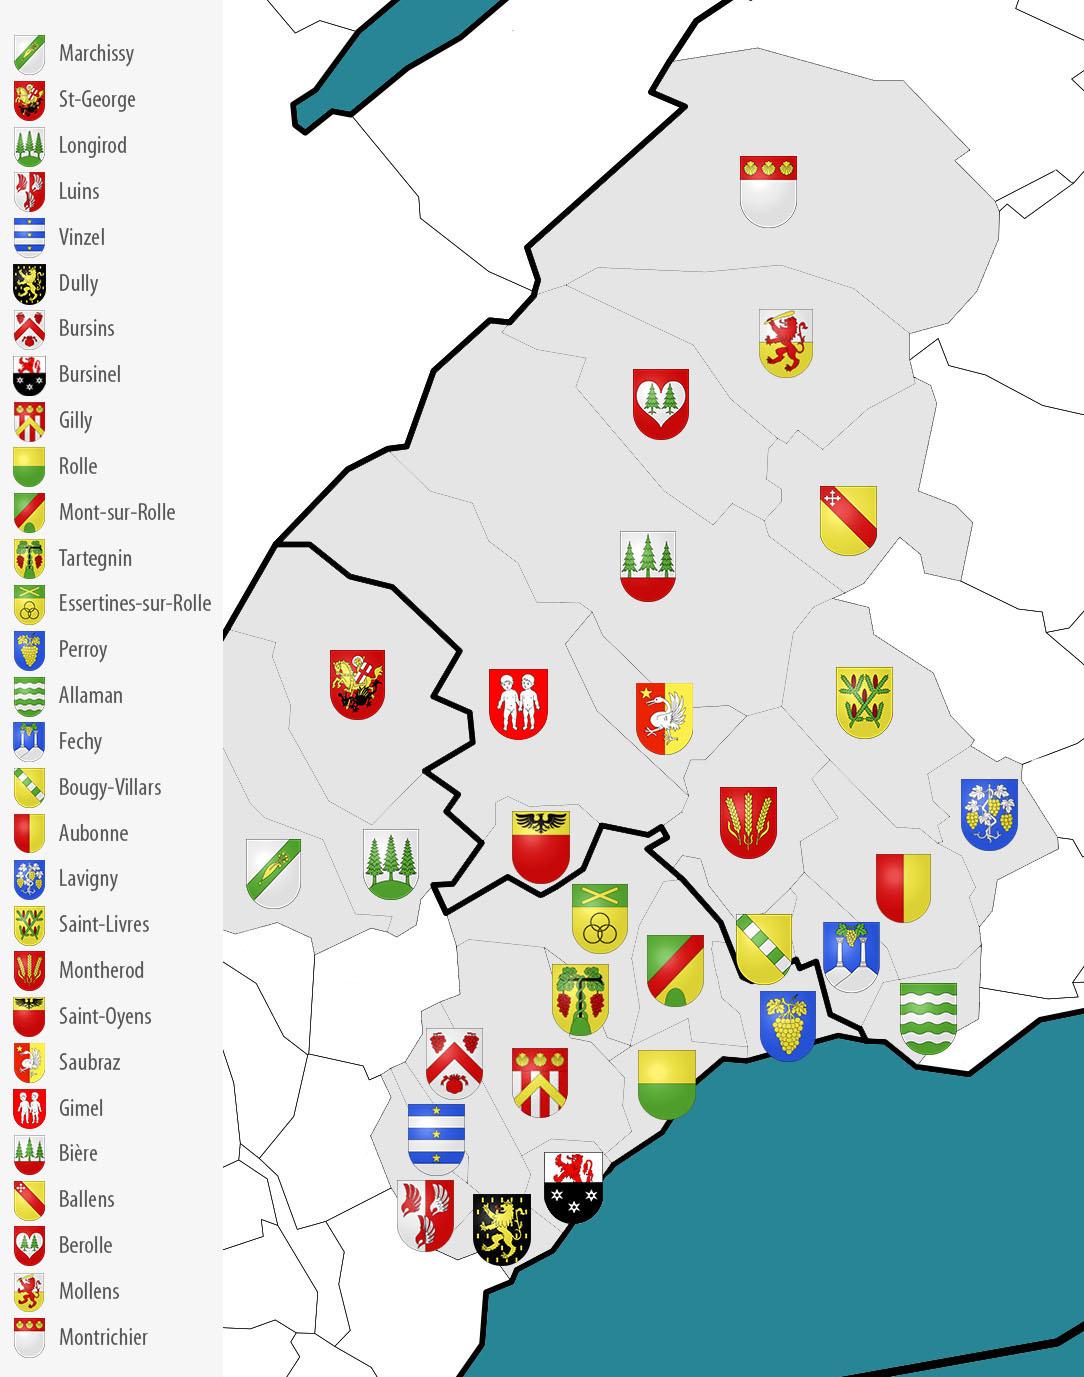 Mise en page : Carte des communes